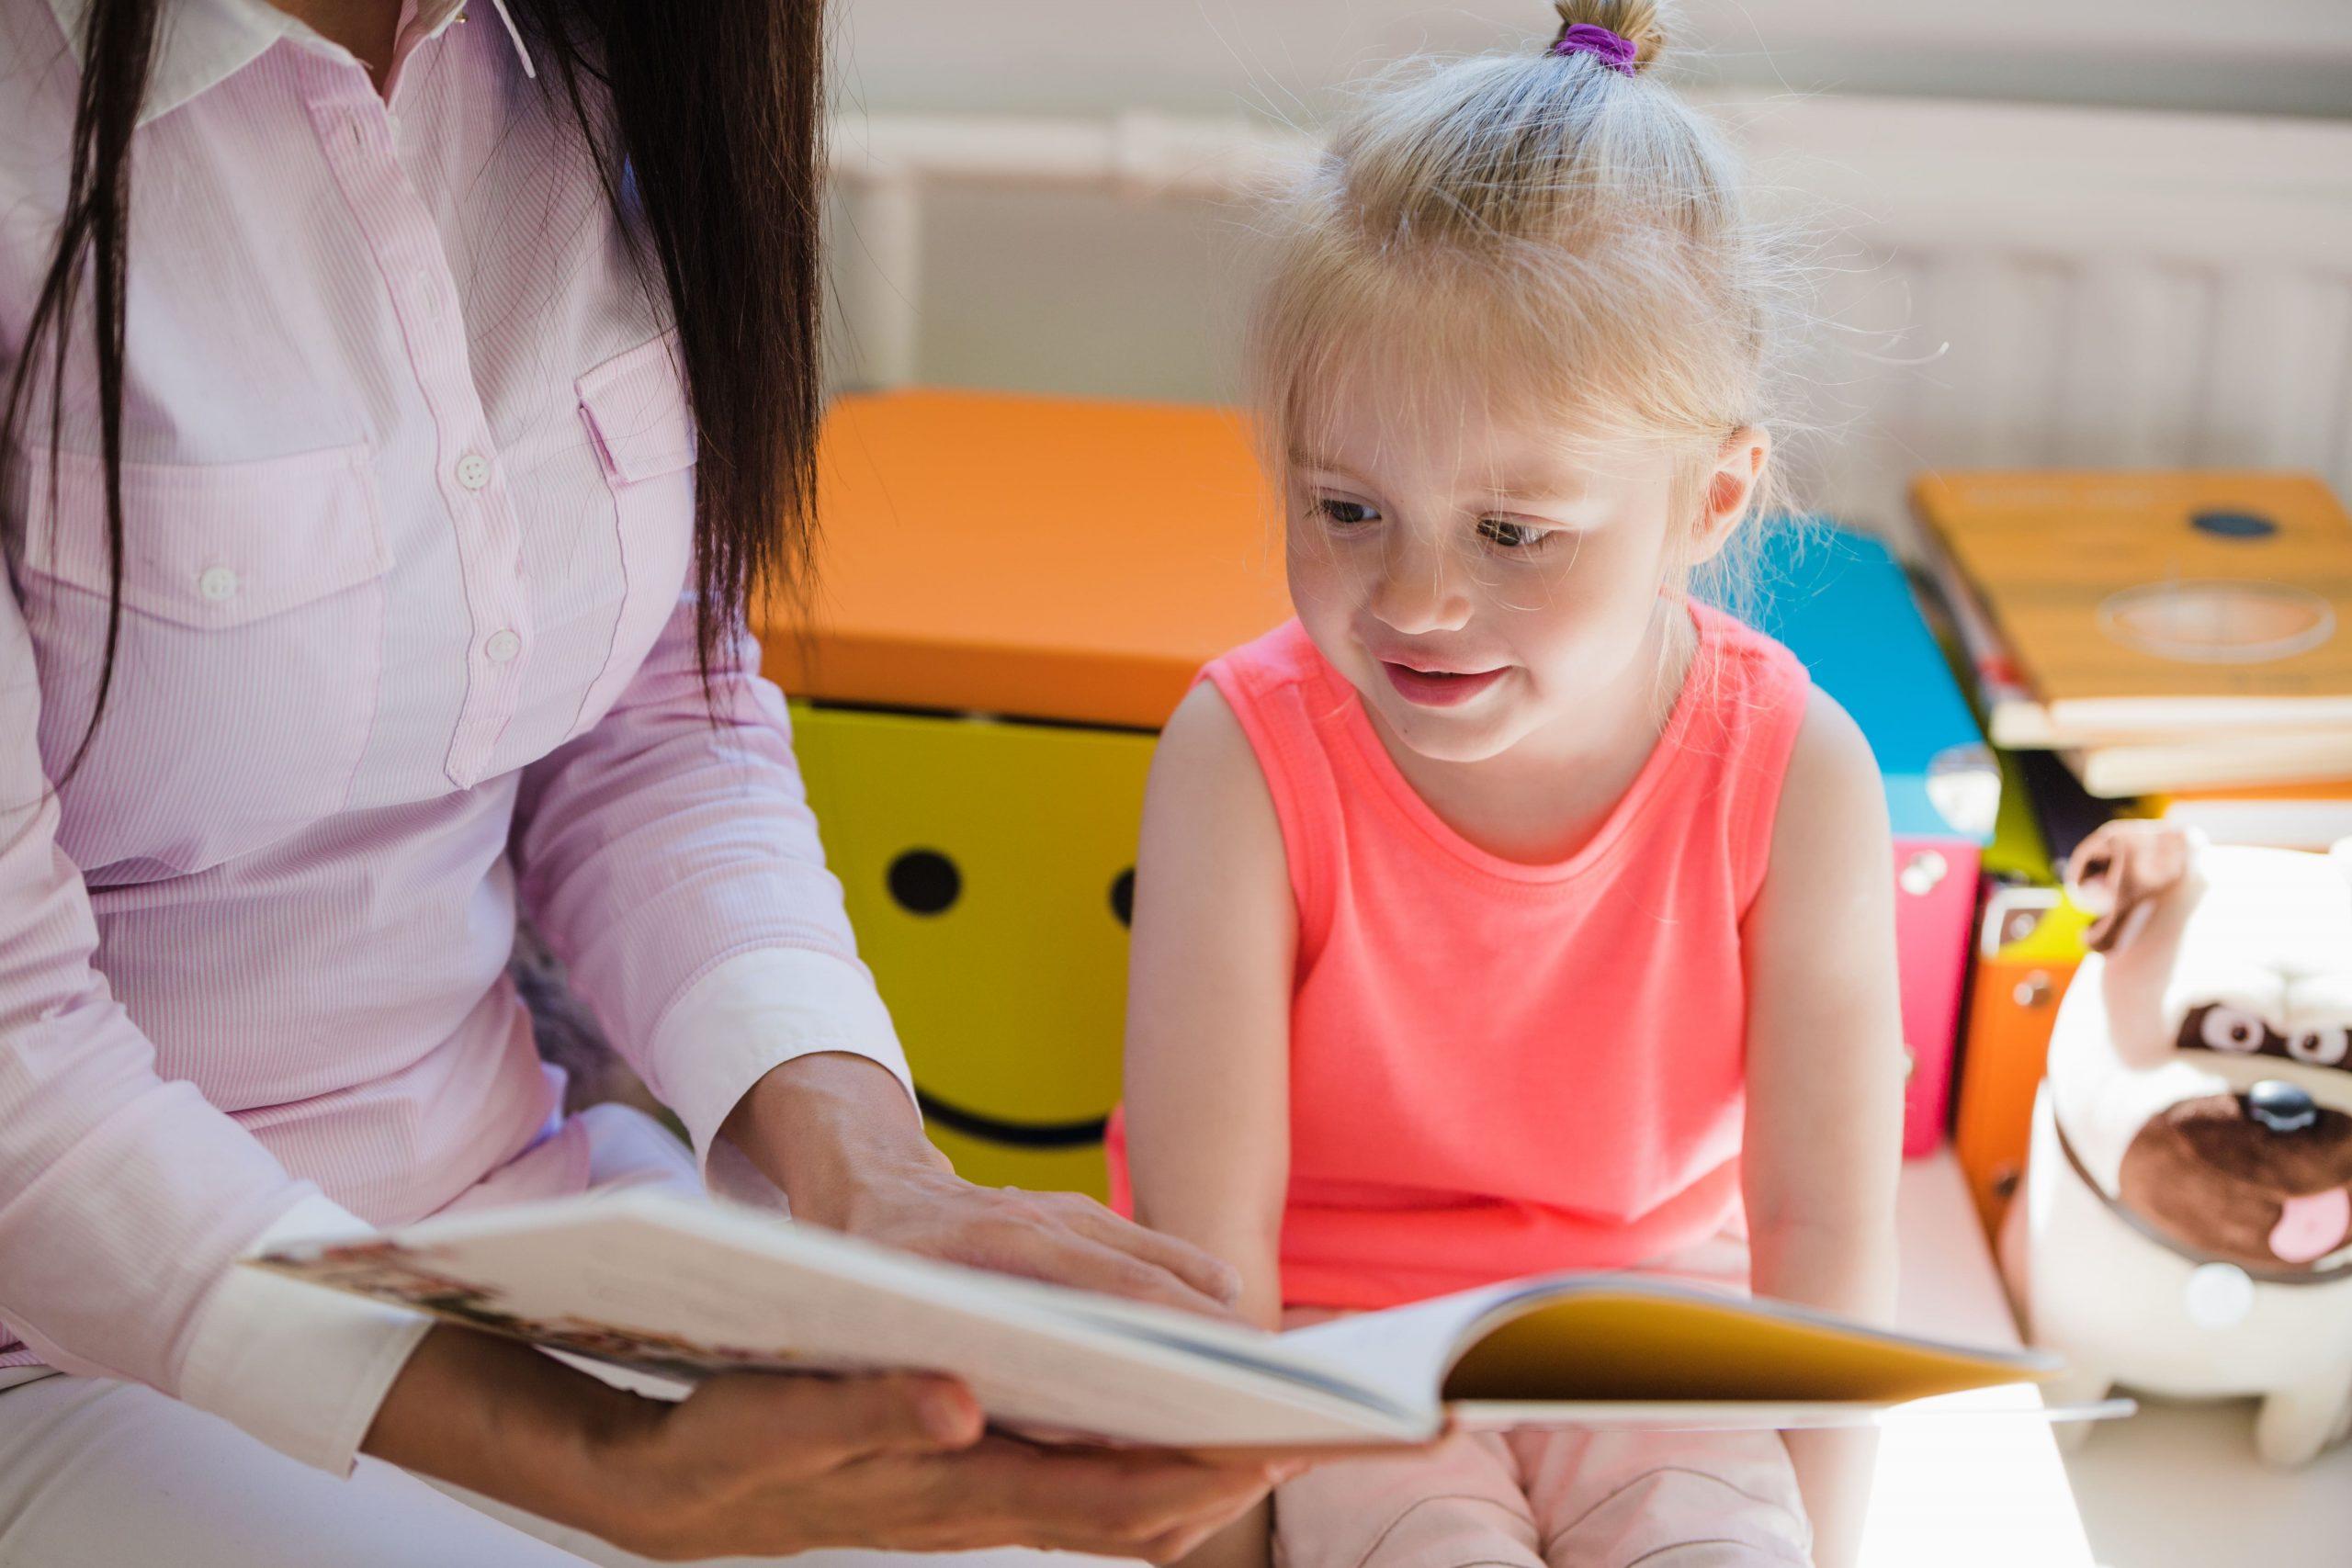 Частный детский садик Киев. Все за и против